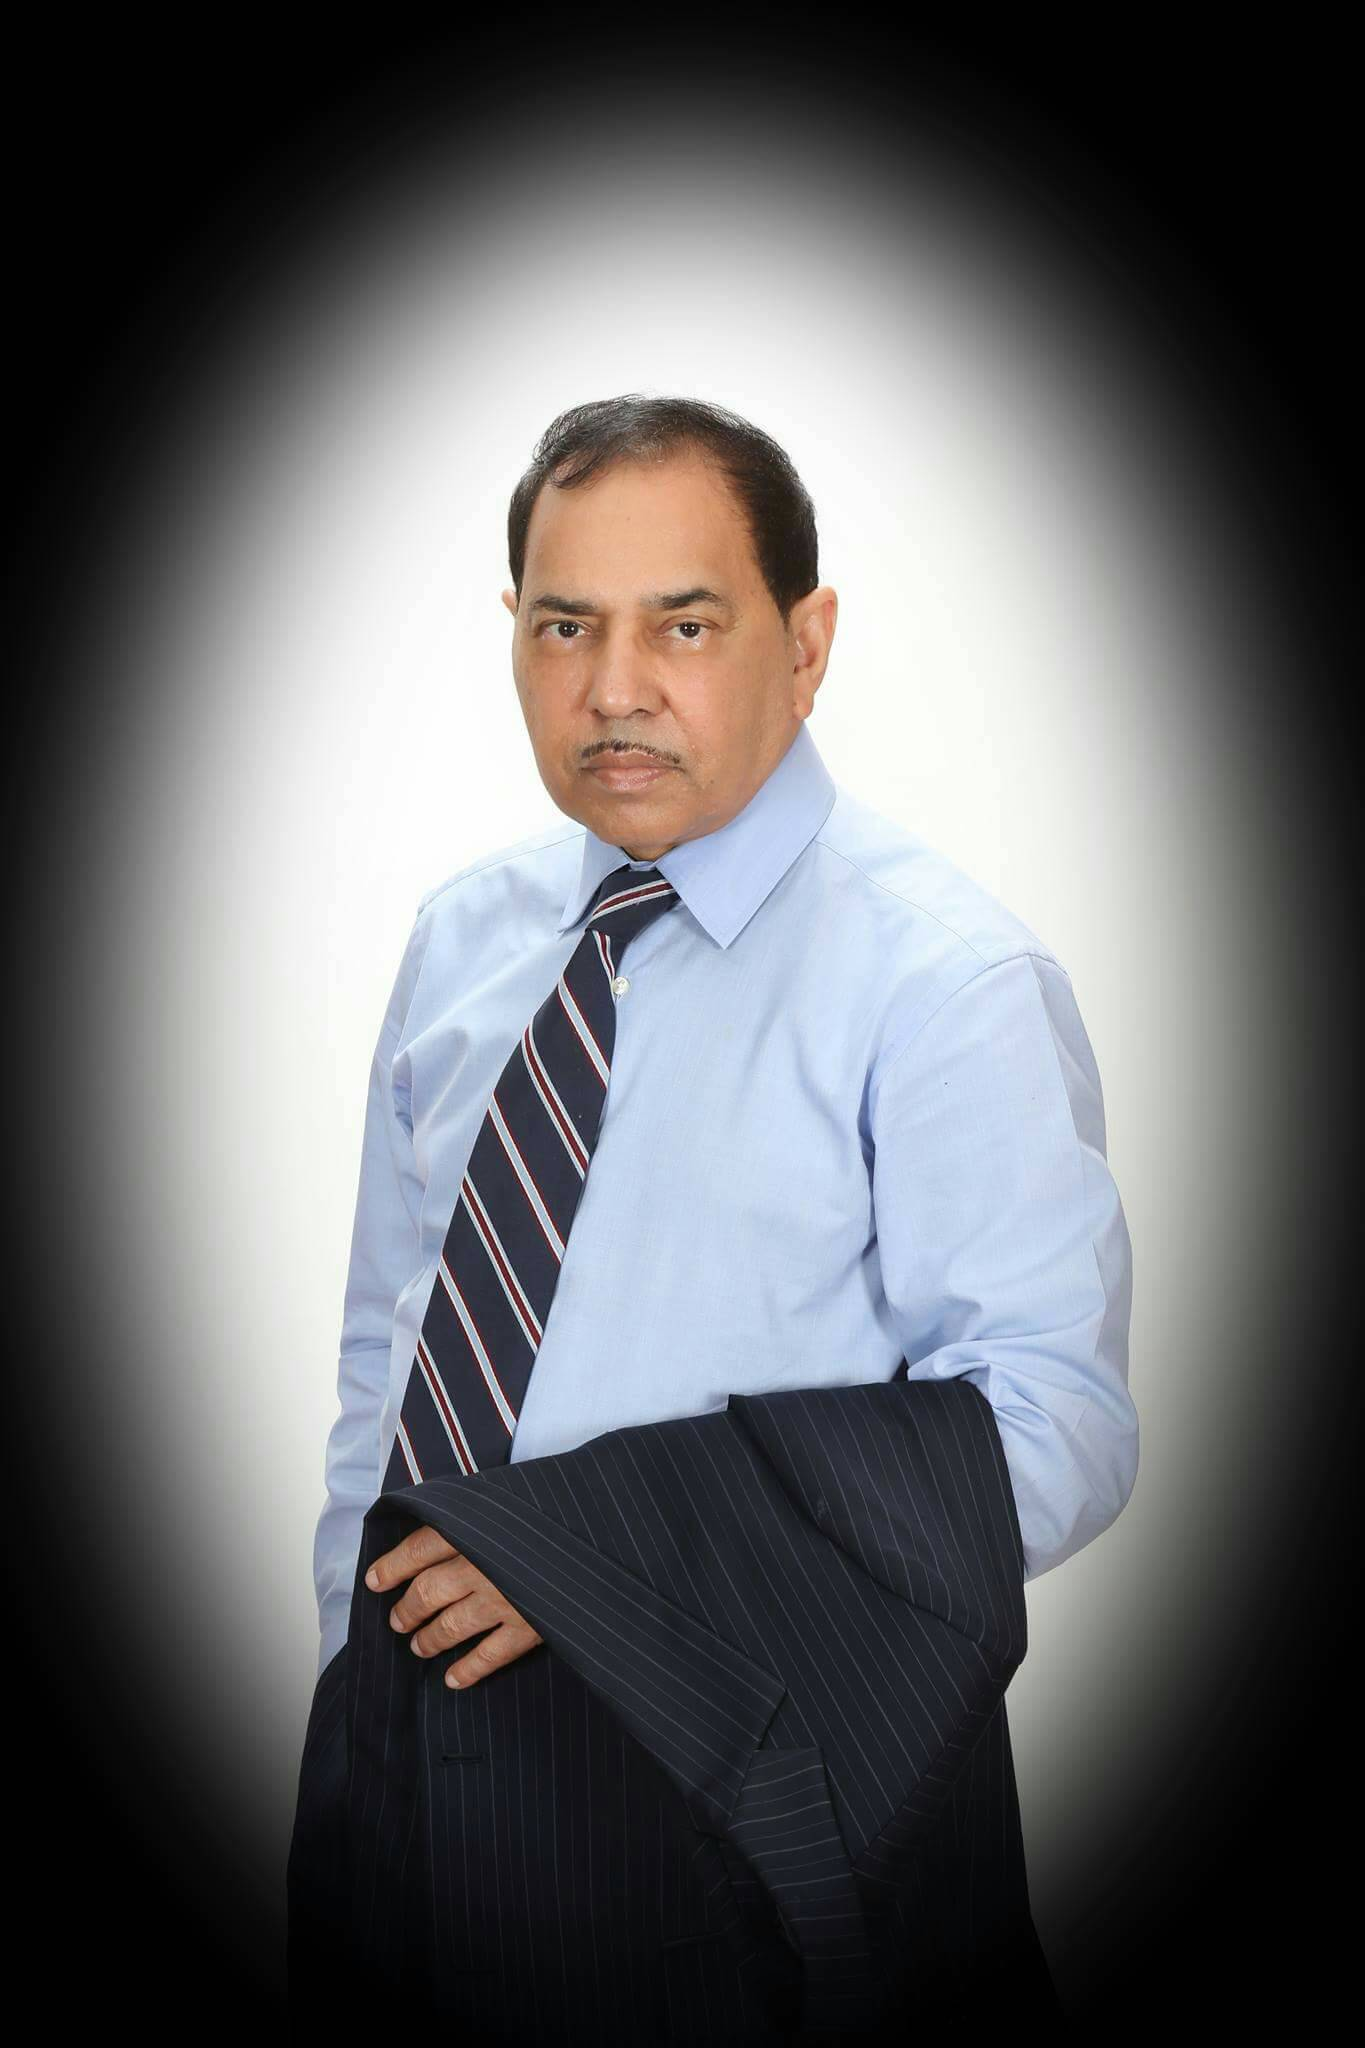 Dr. M. Owais Farooqui